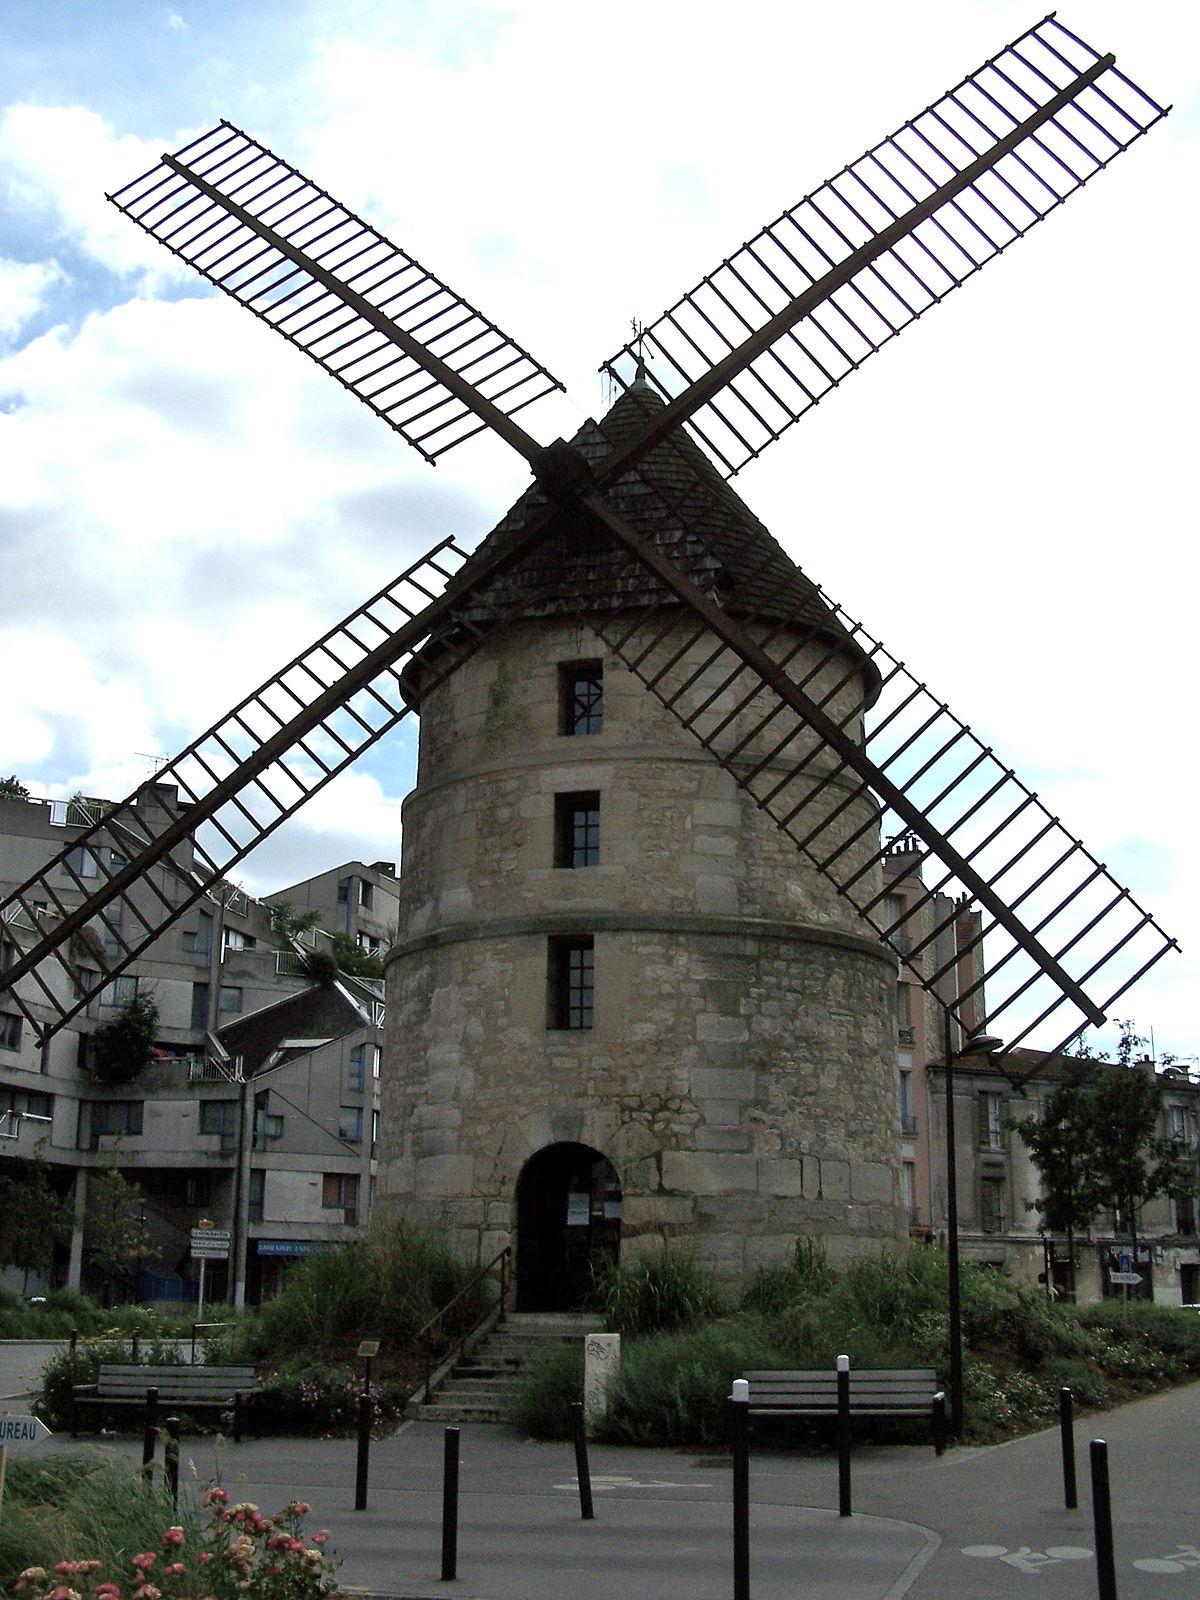 Moulin de la tour ivry sur seine wikip dia for Piscine d ivry sur seine